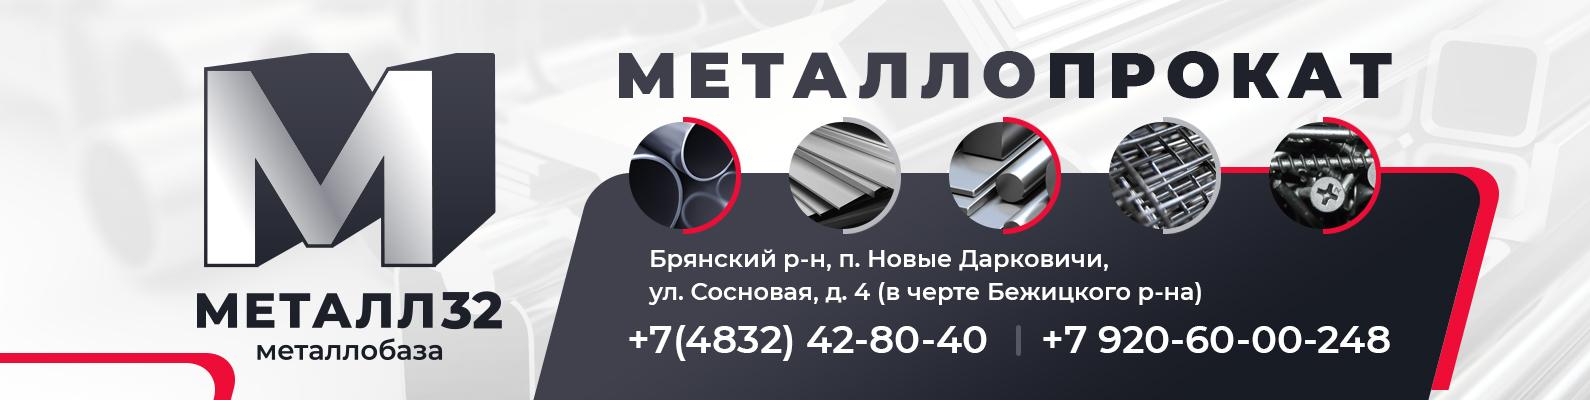 Группа ВК Металл32